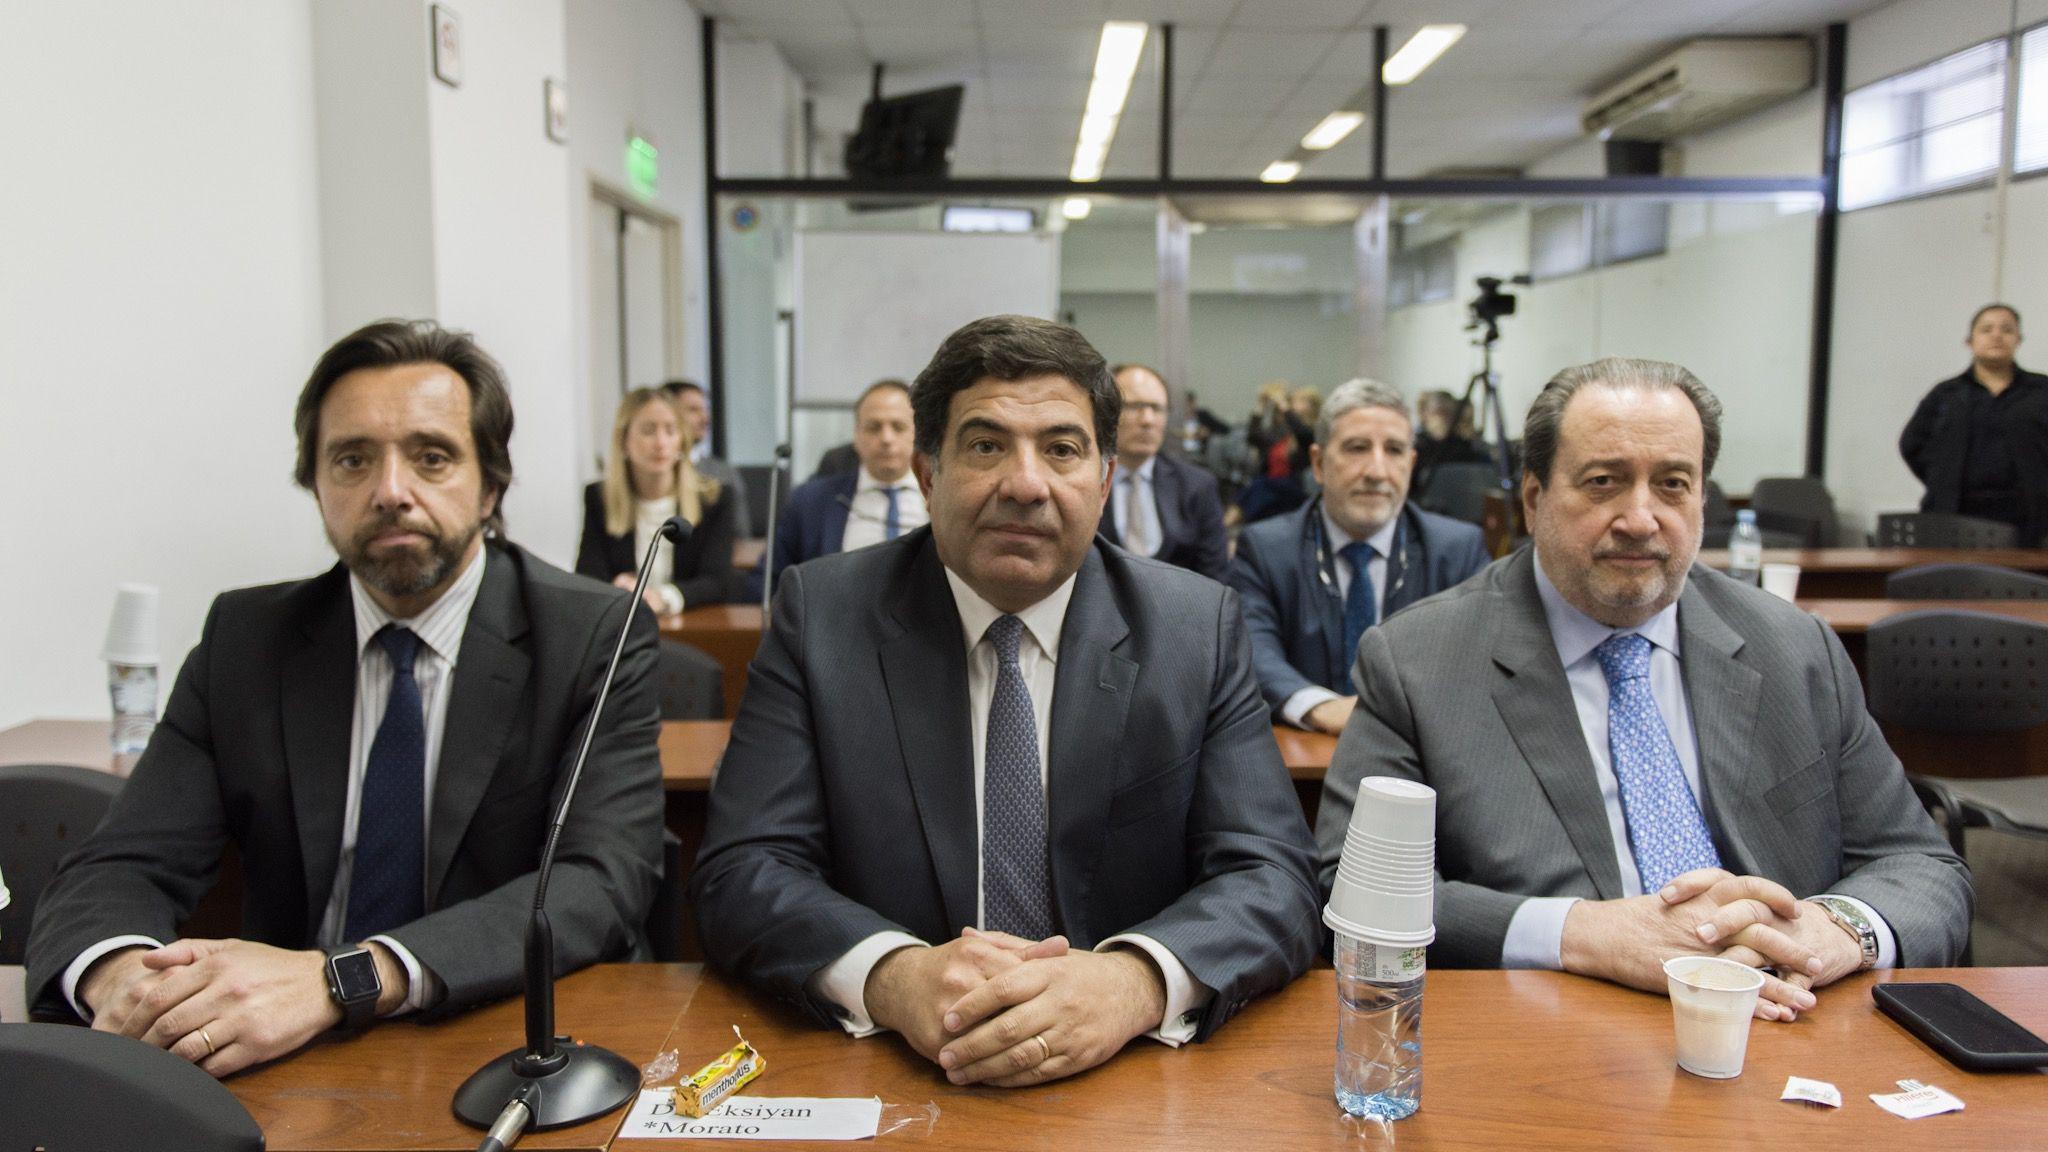 Echegaray con sus abogados,  Arias Duval y Arslanian, en uno de los juicios en su contra